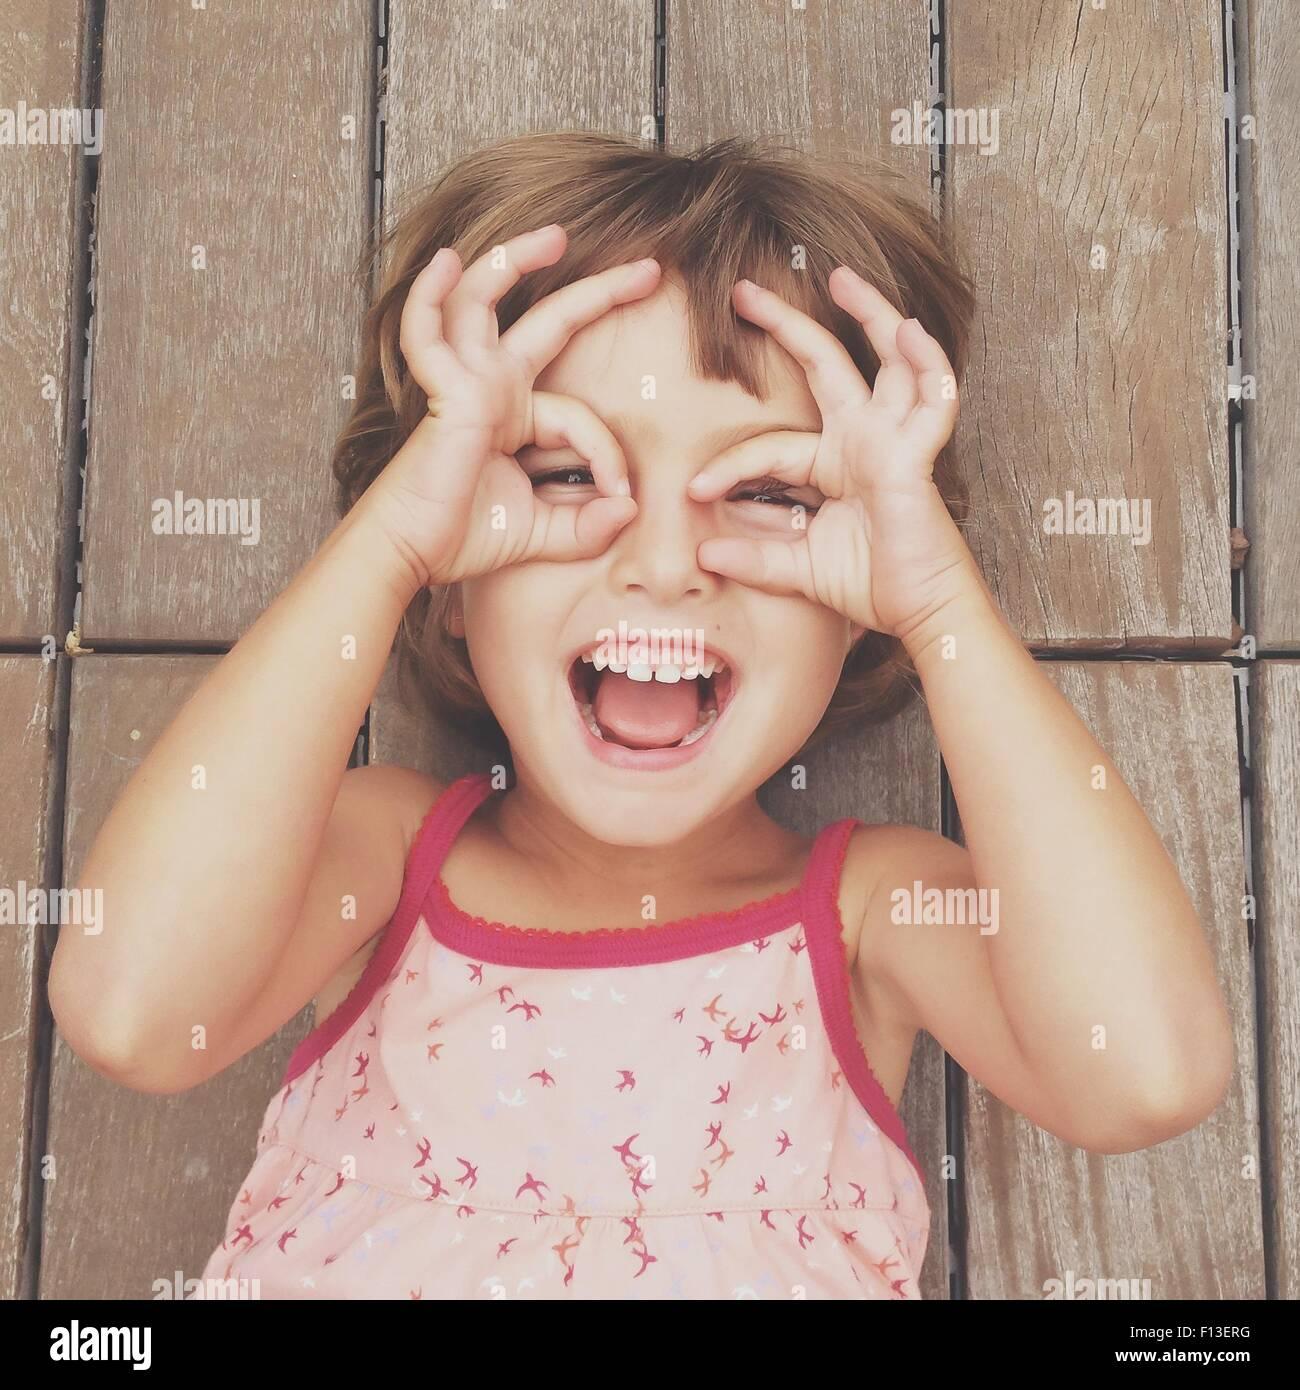 Chica busca a través de marcos de dedos Imagen De Stock